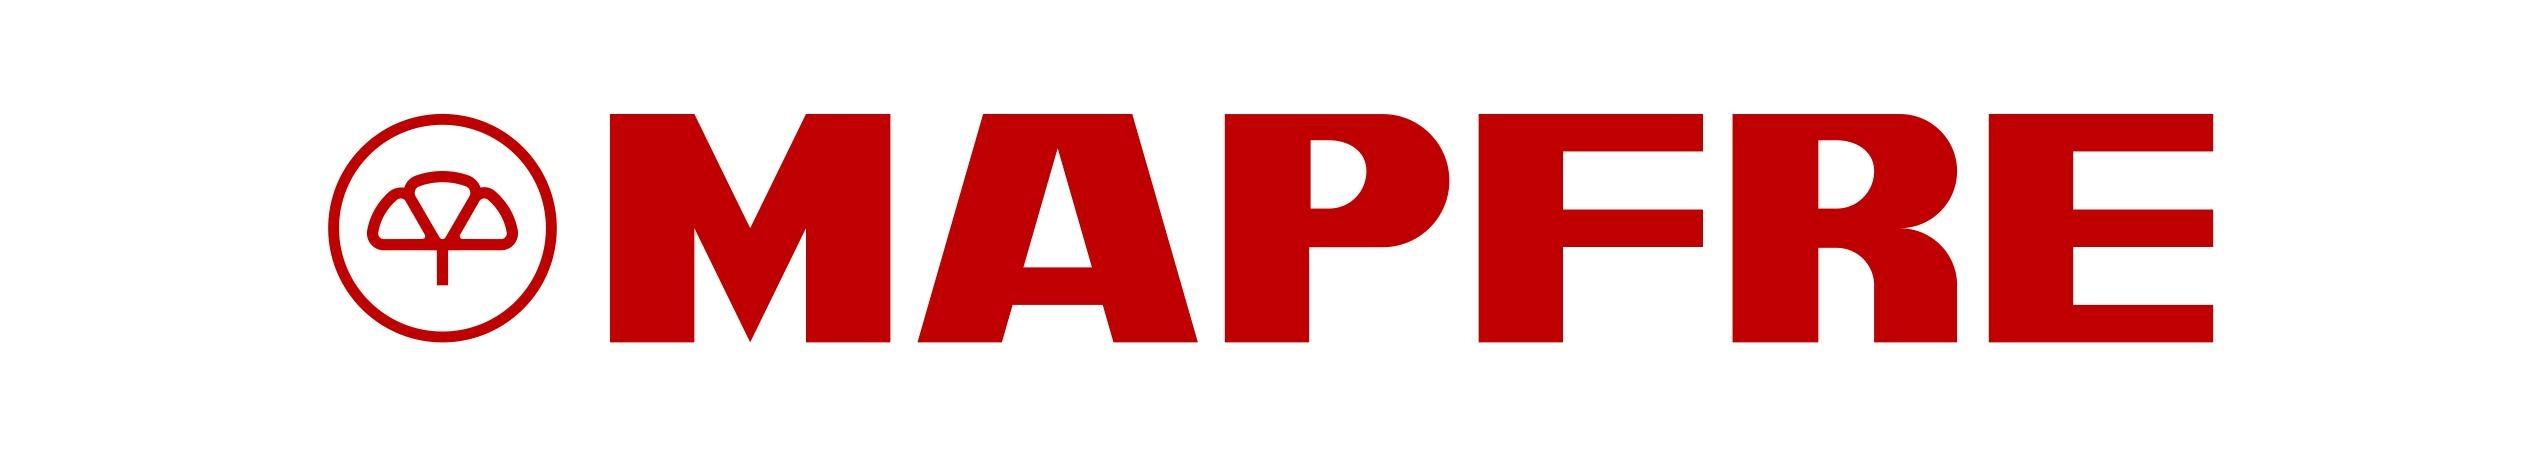 Ofertas de empleo en Mapfre